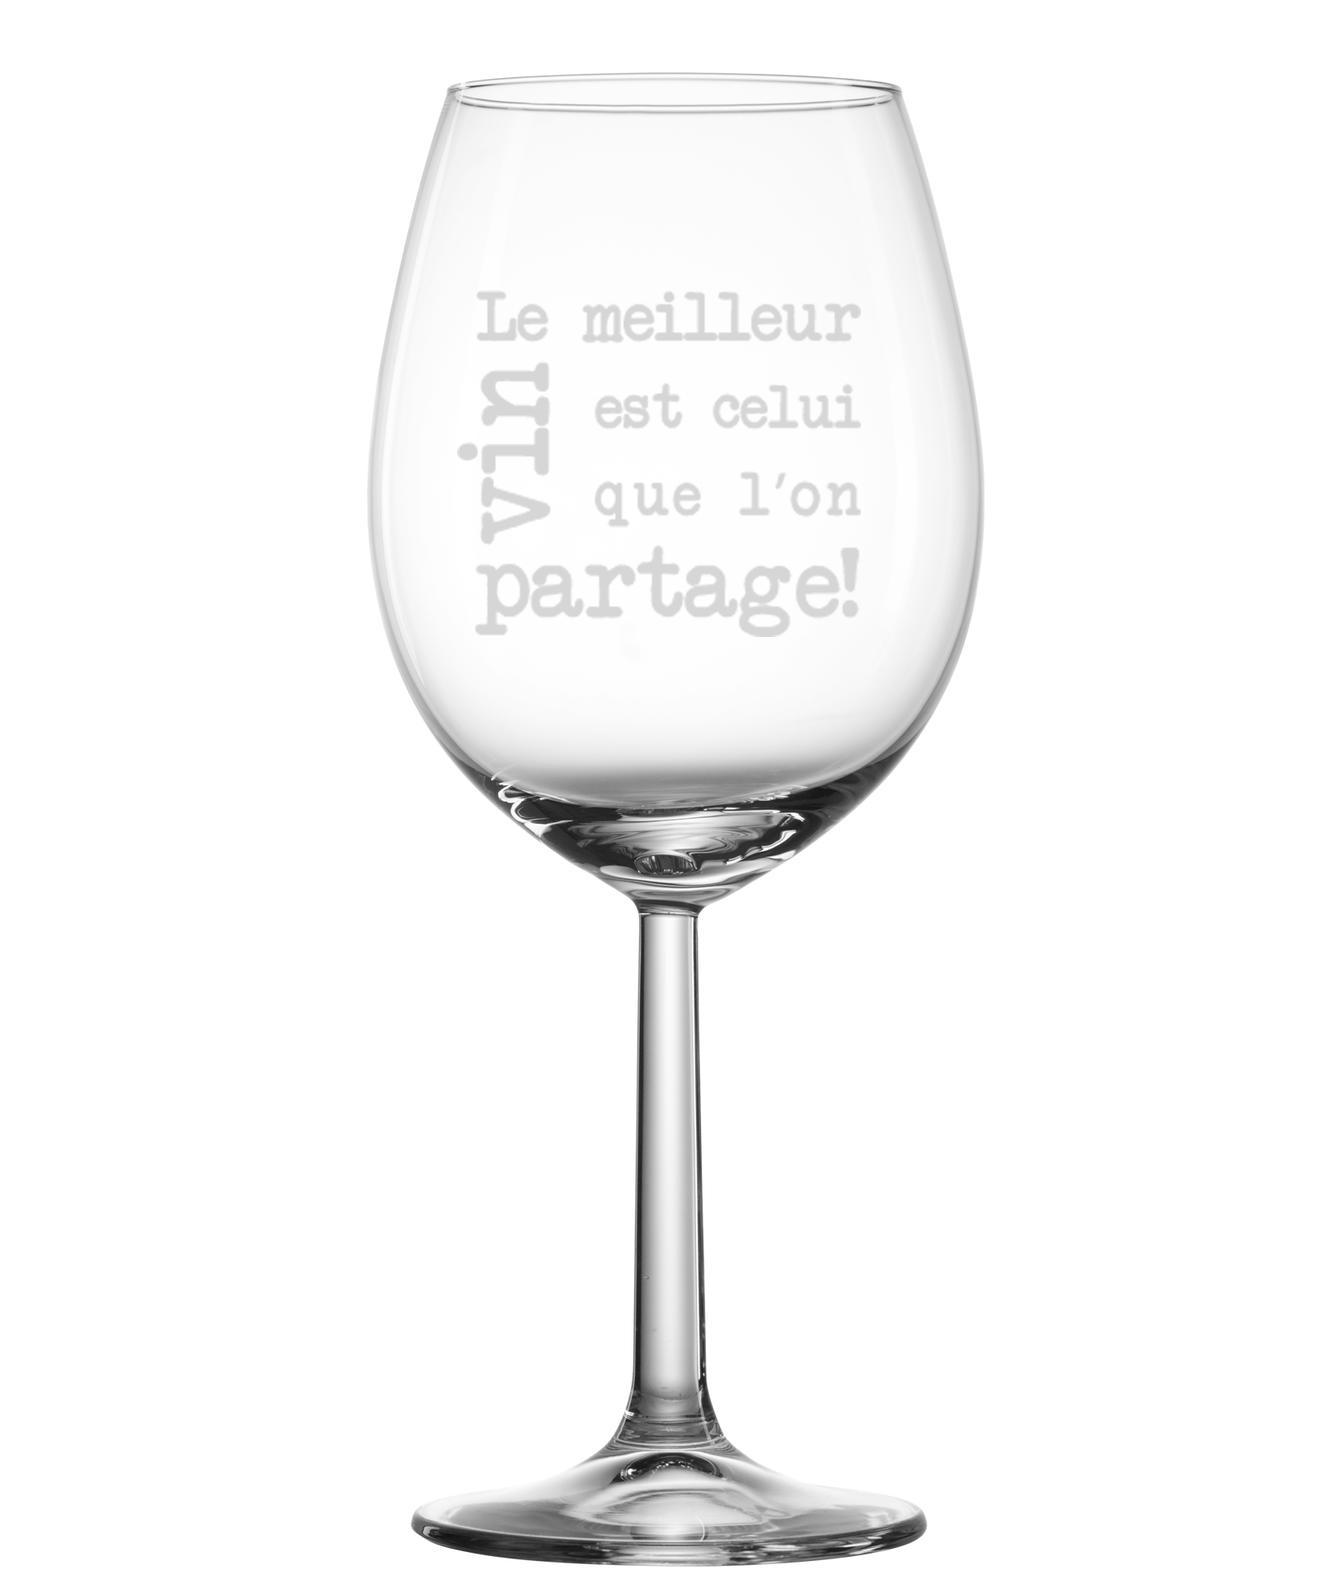 Le meilleur vin est celui  que l'on partage